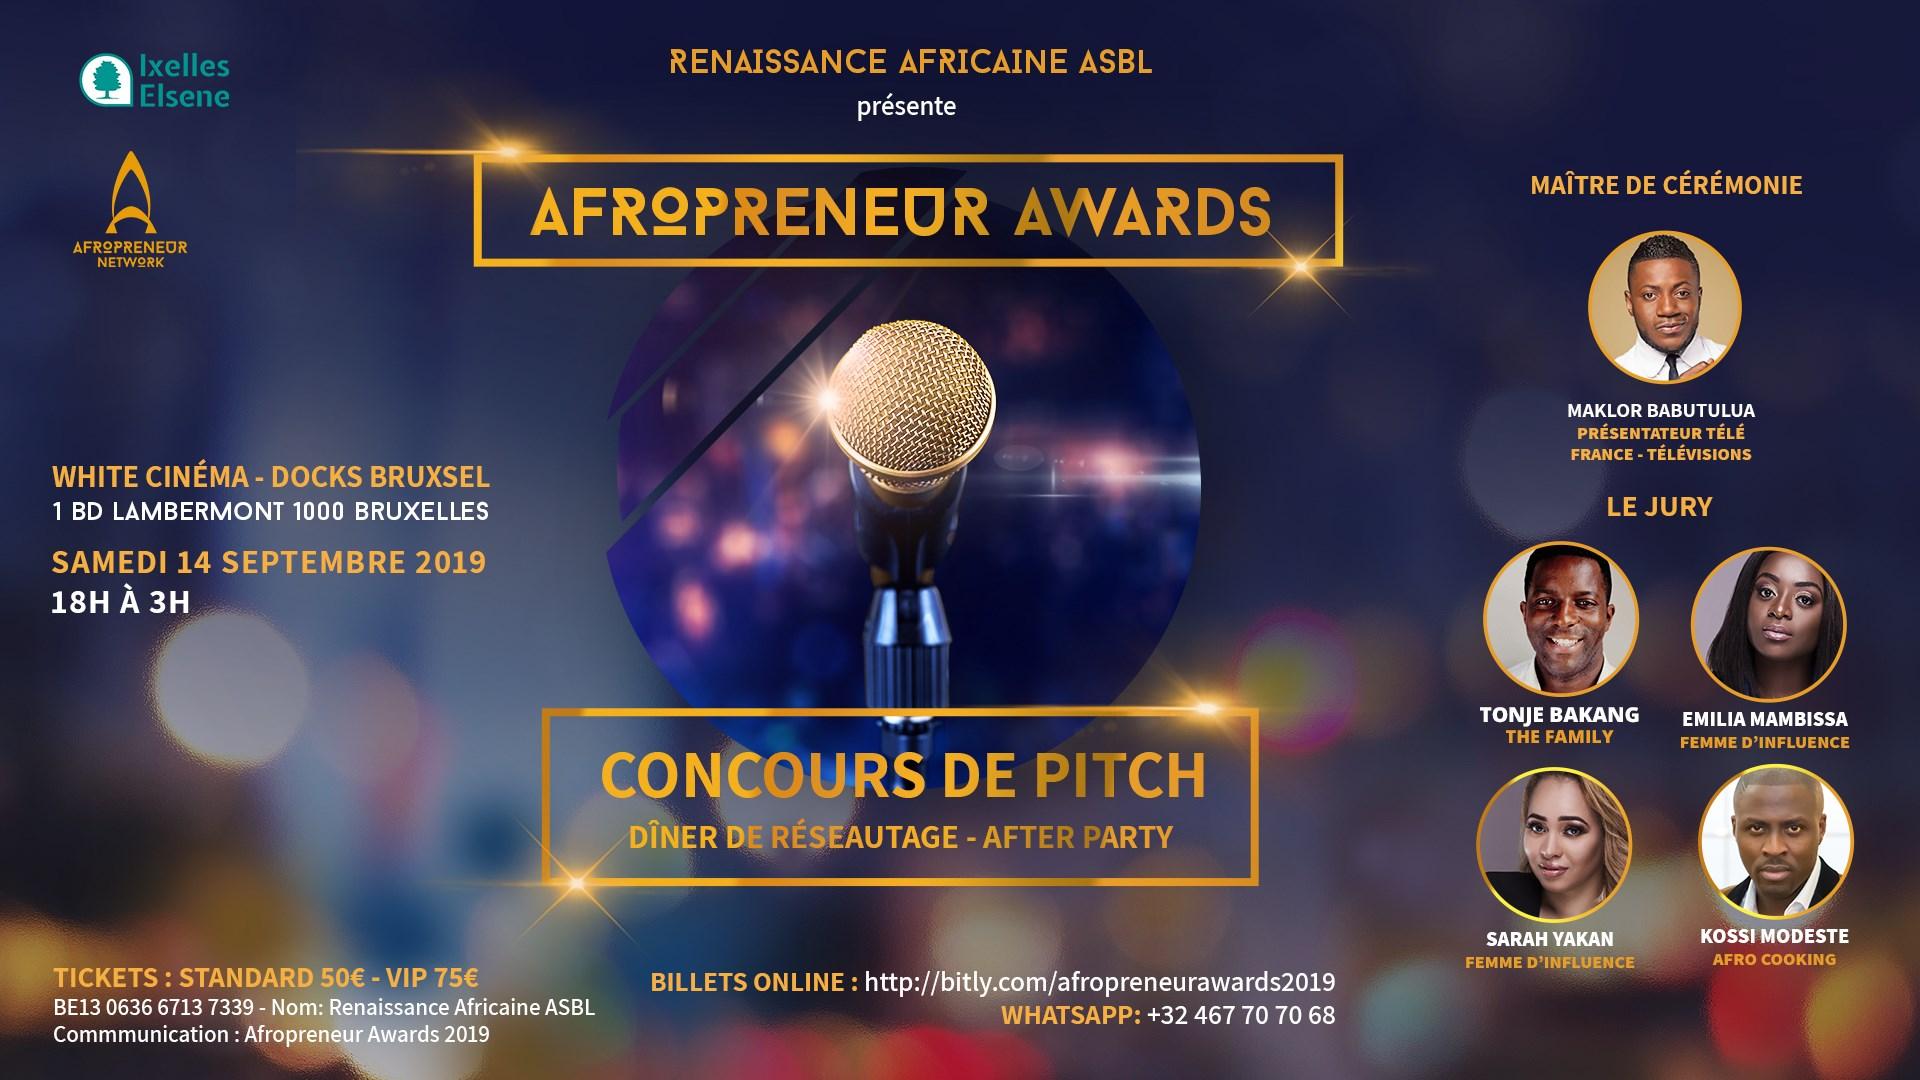 Afropreneur Awards, l'événement incontournable des entrepreneurs afro de Belgique